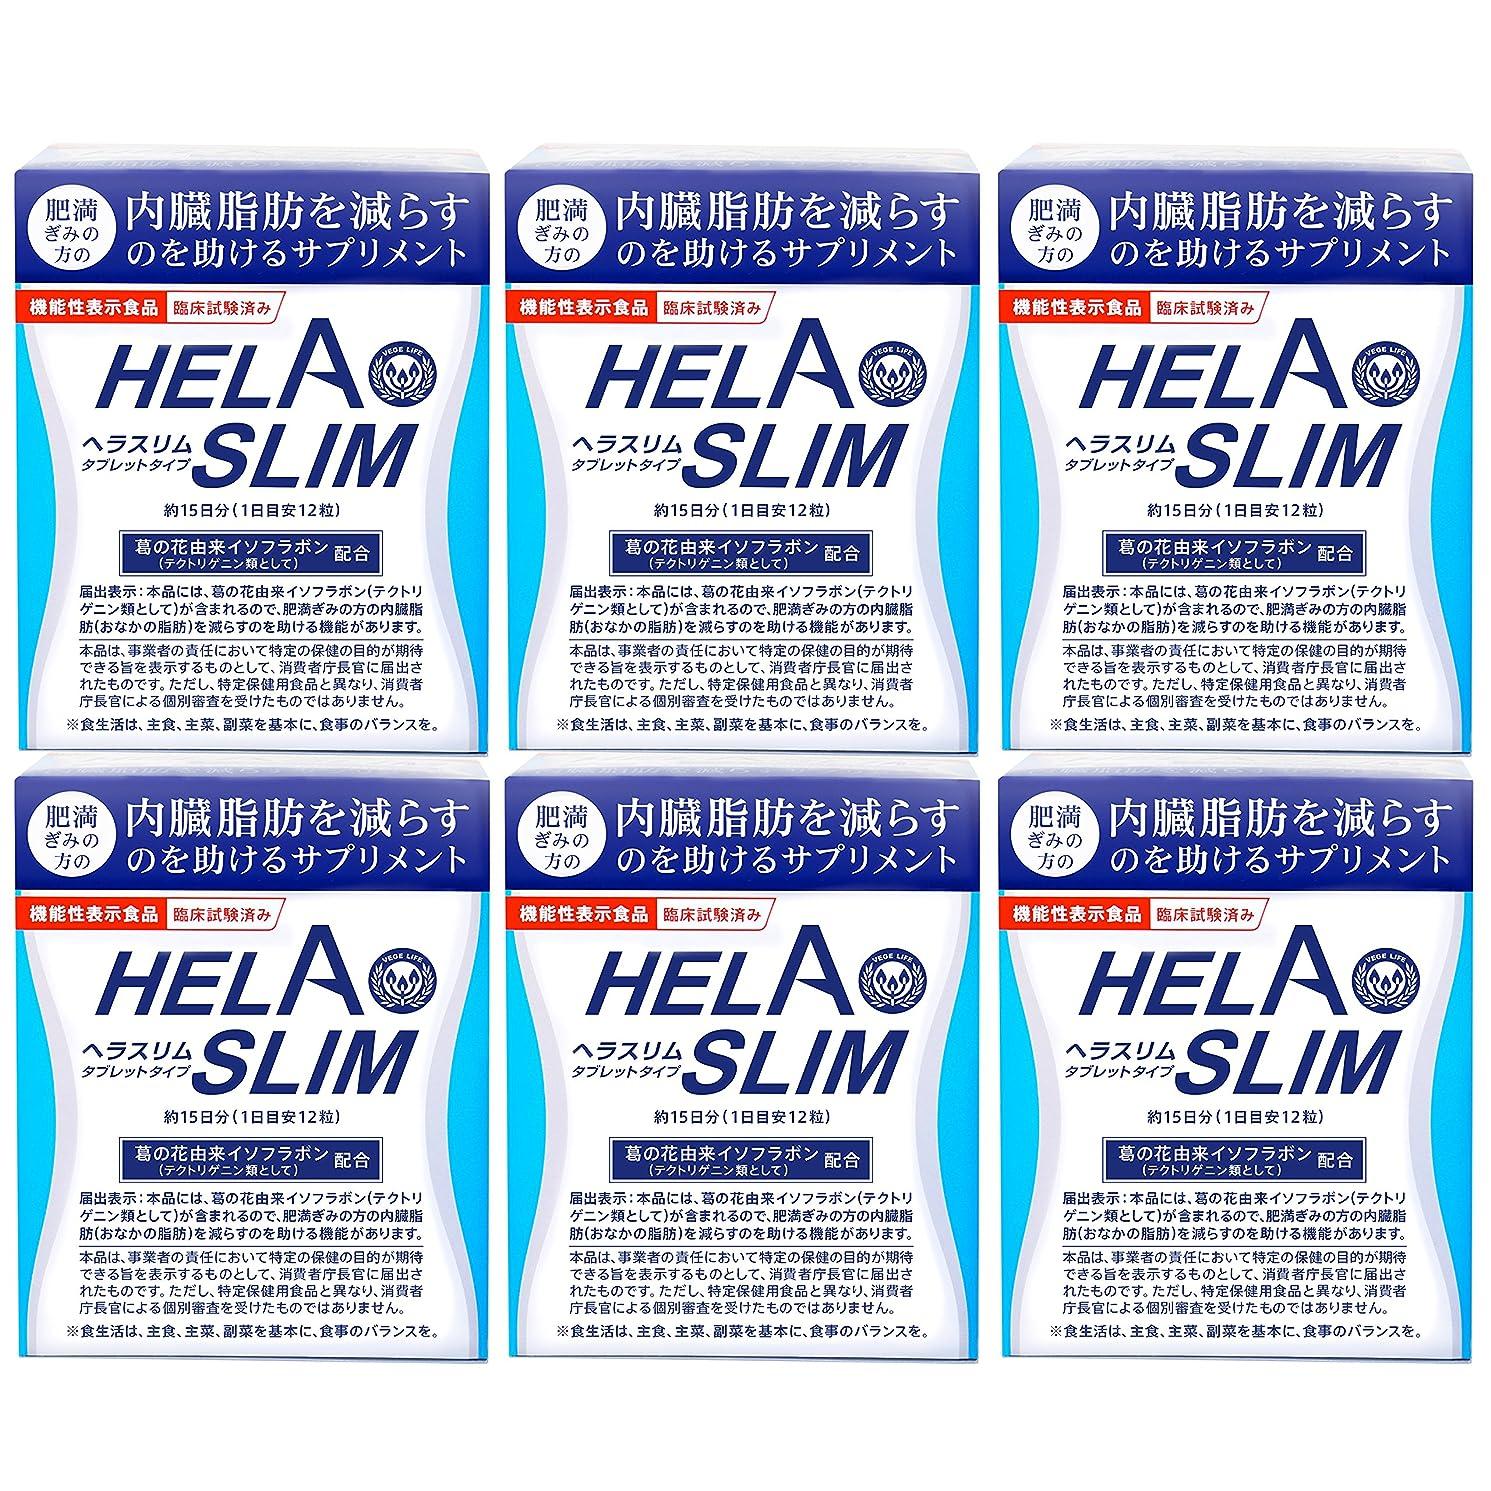 基本的な元に戻すレーザHELASLIM ヘラスリム(180粒入15日分)【6箱セット】【機能性表示食品】【臨床試験済】